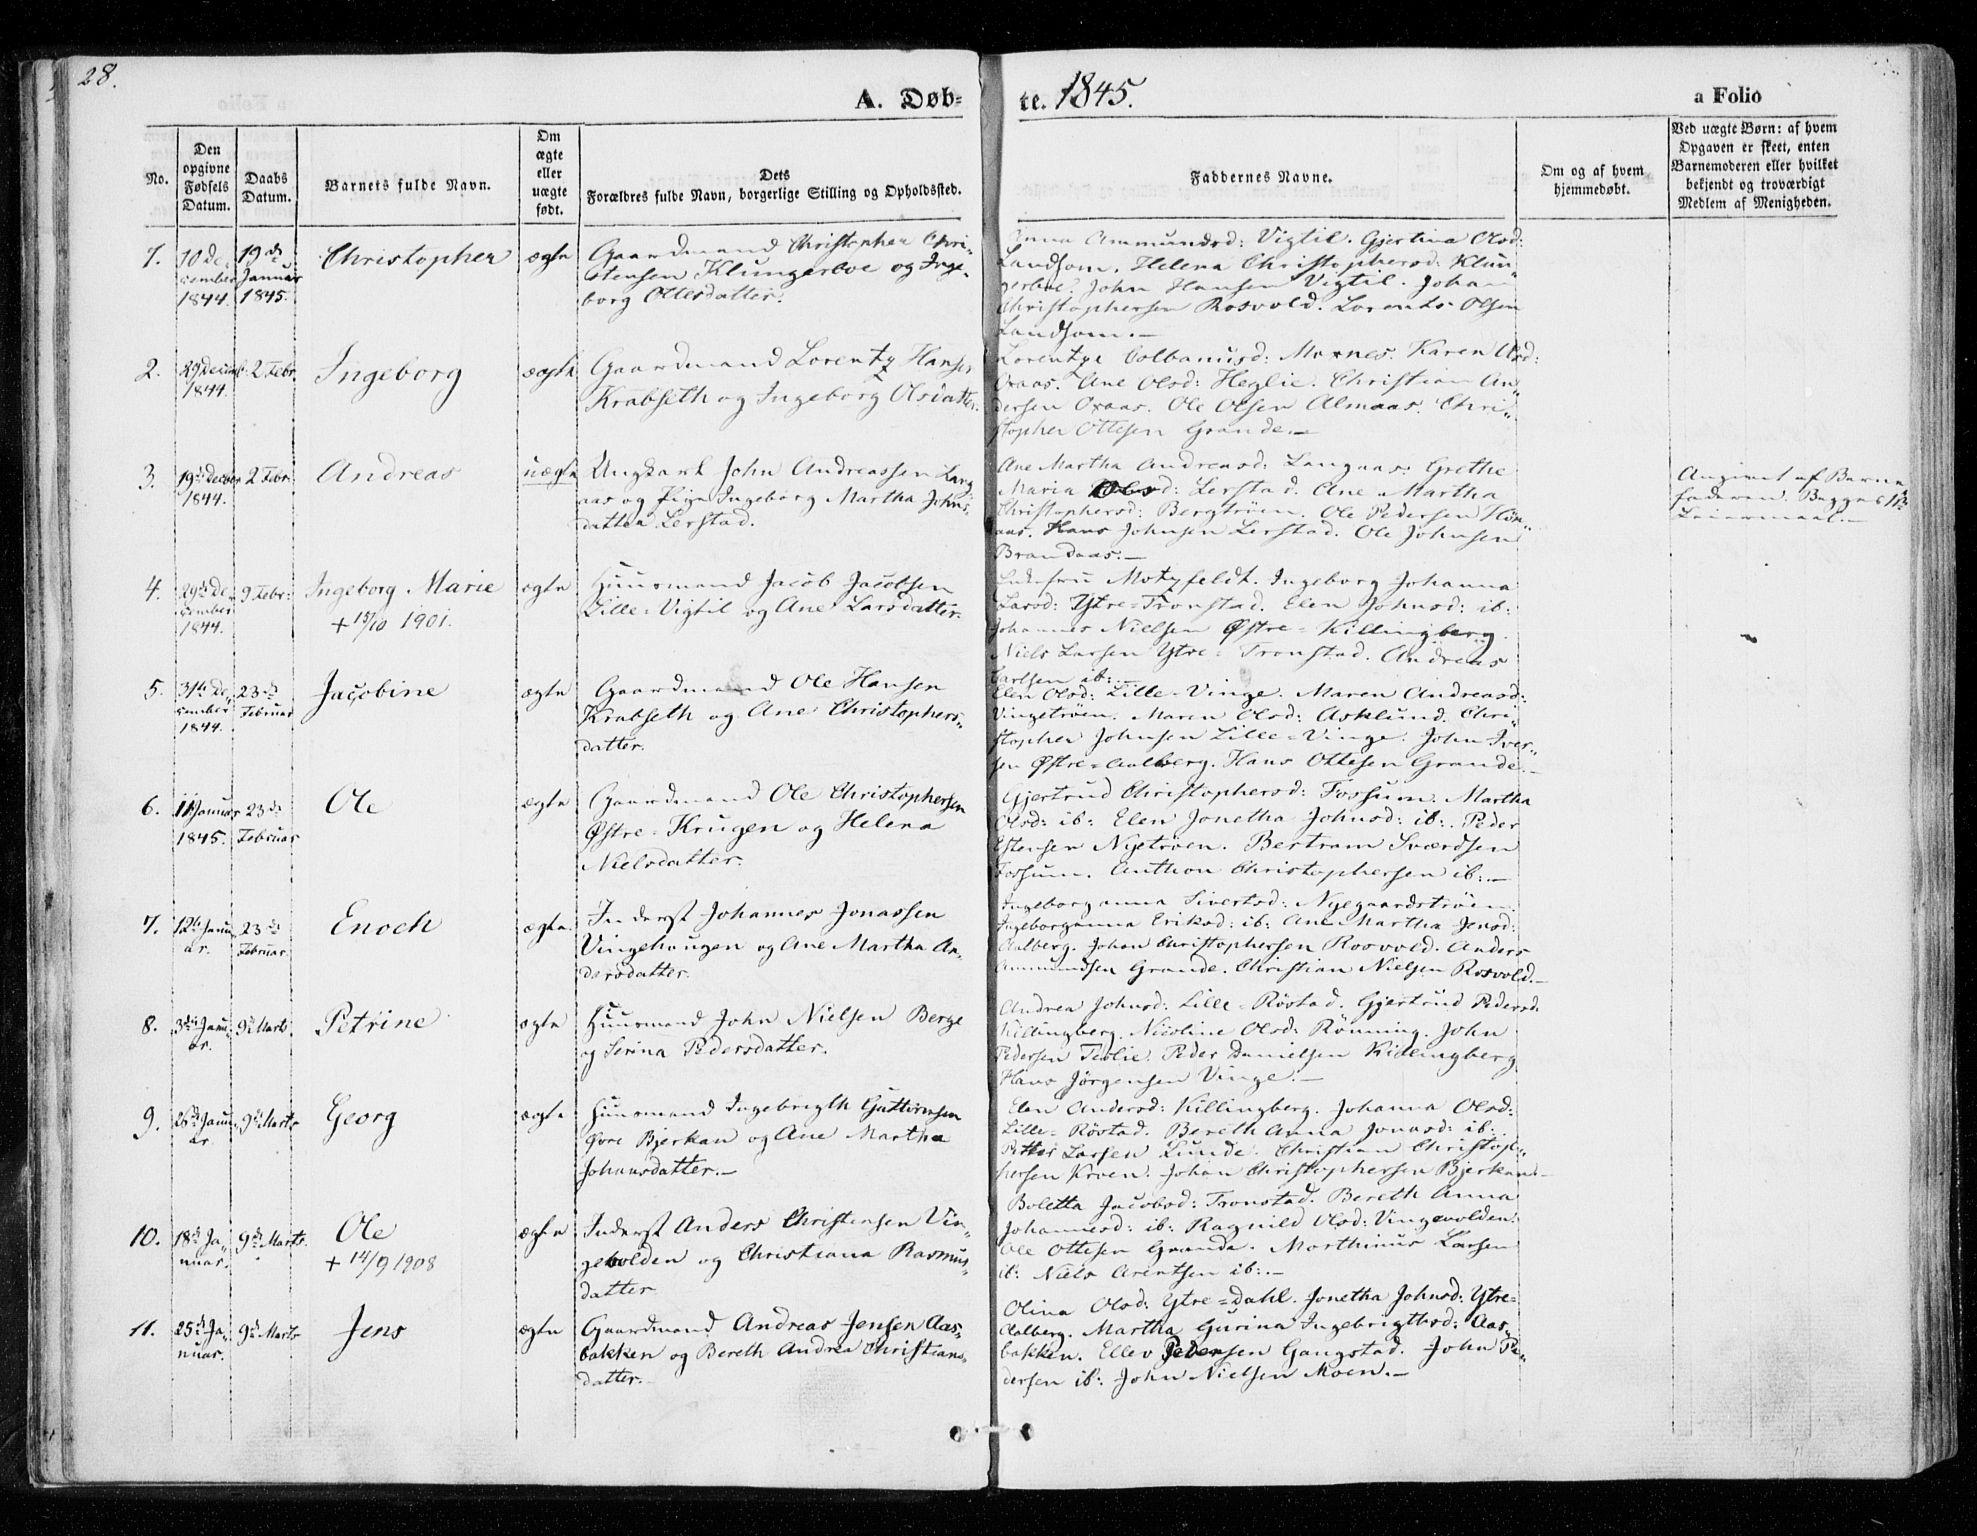 SAT, Ministerialprotokoller, klokkerbøker og fødselsregistre - Nord-Trøndelag, 701/L0007: Ministerialbok nr. 701A07 /1, 1842-1854, s. 28